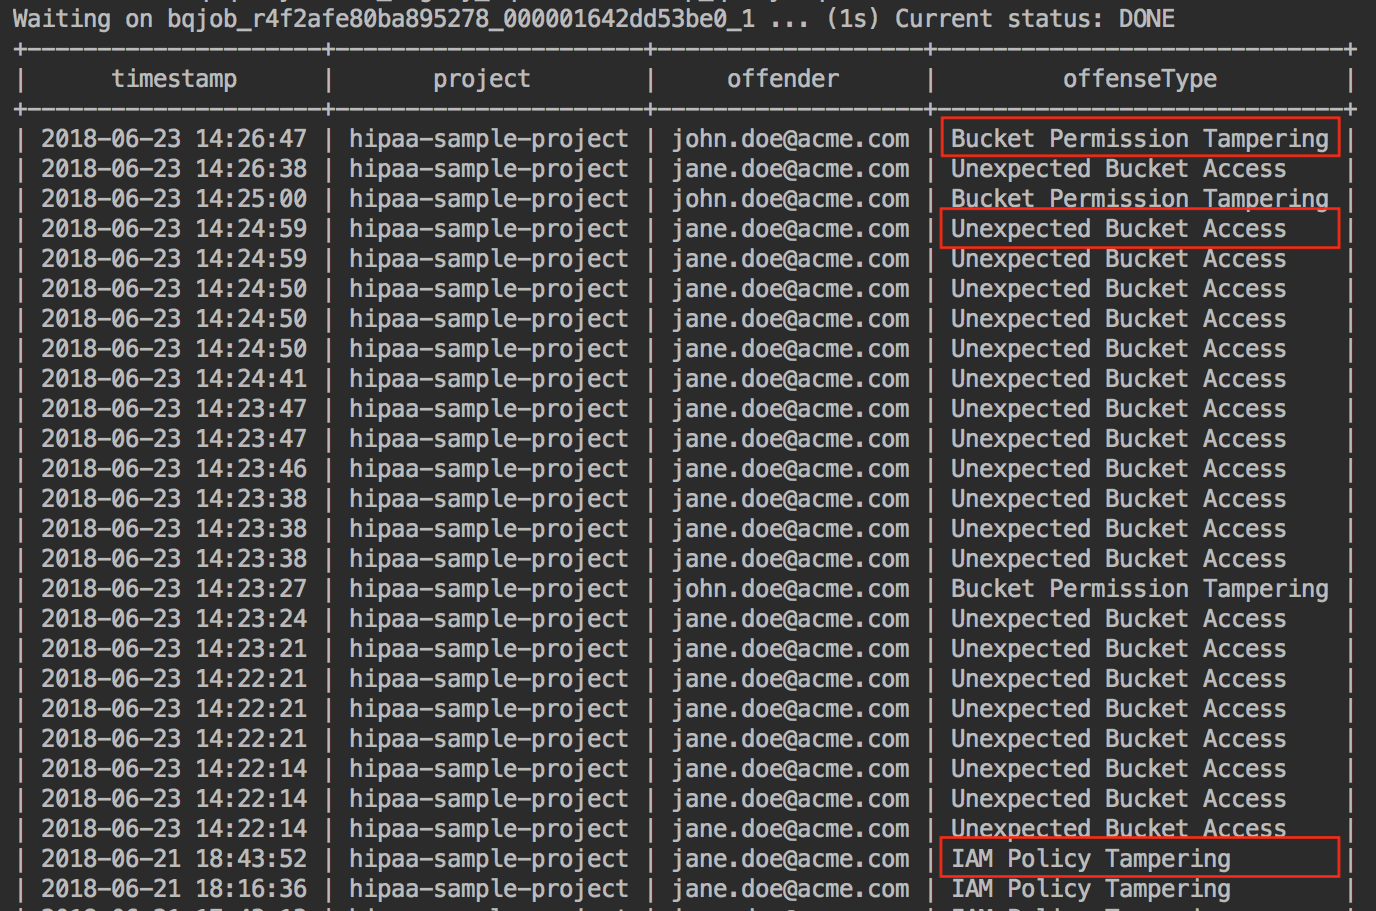 Resultado de muestra cuando ejecutas la consulta mediante la interfaz de línea de comandos de BigQuery